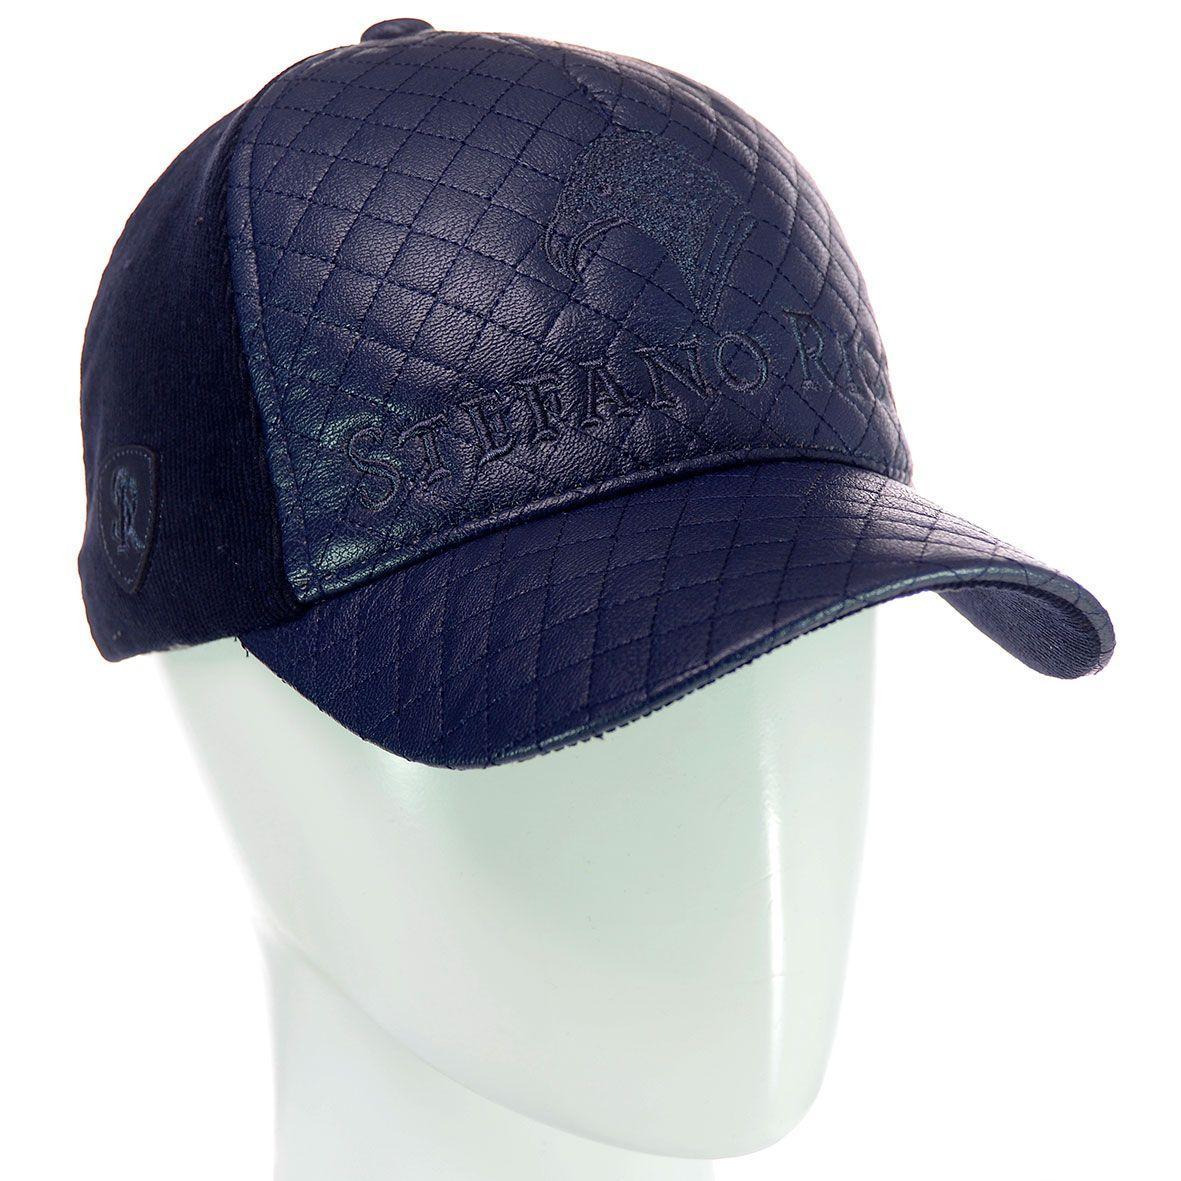 Бейсболка BVHKZ20756 темно-синий